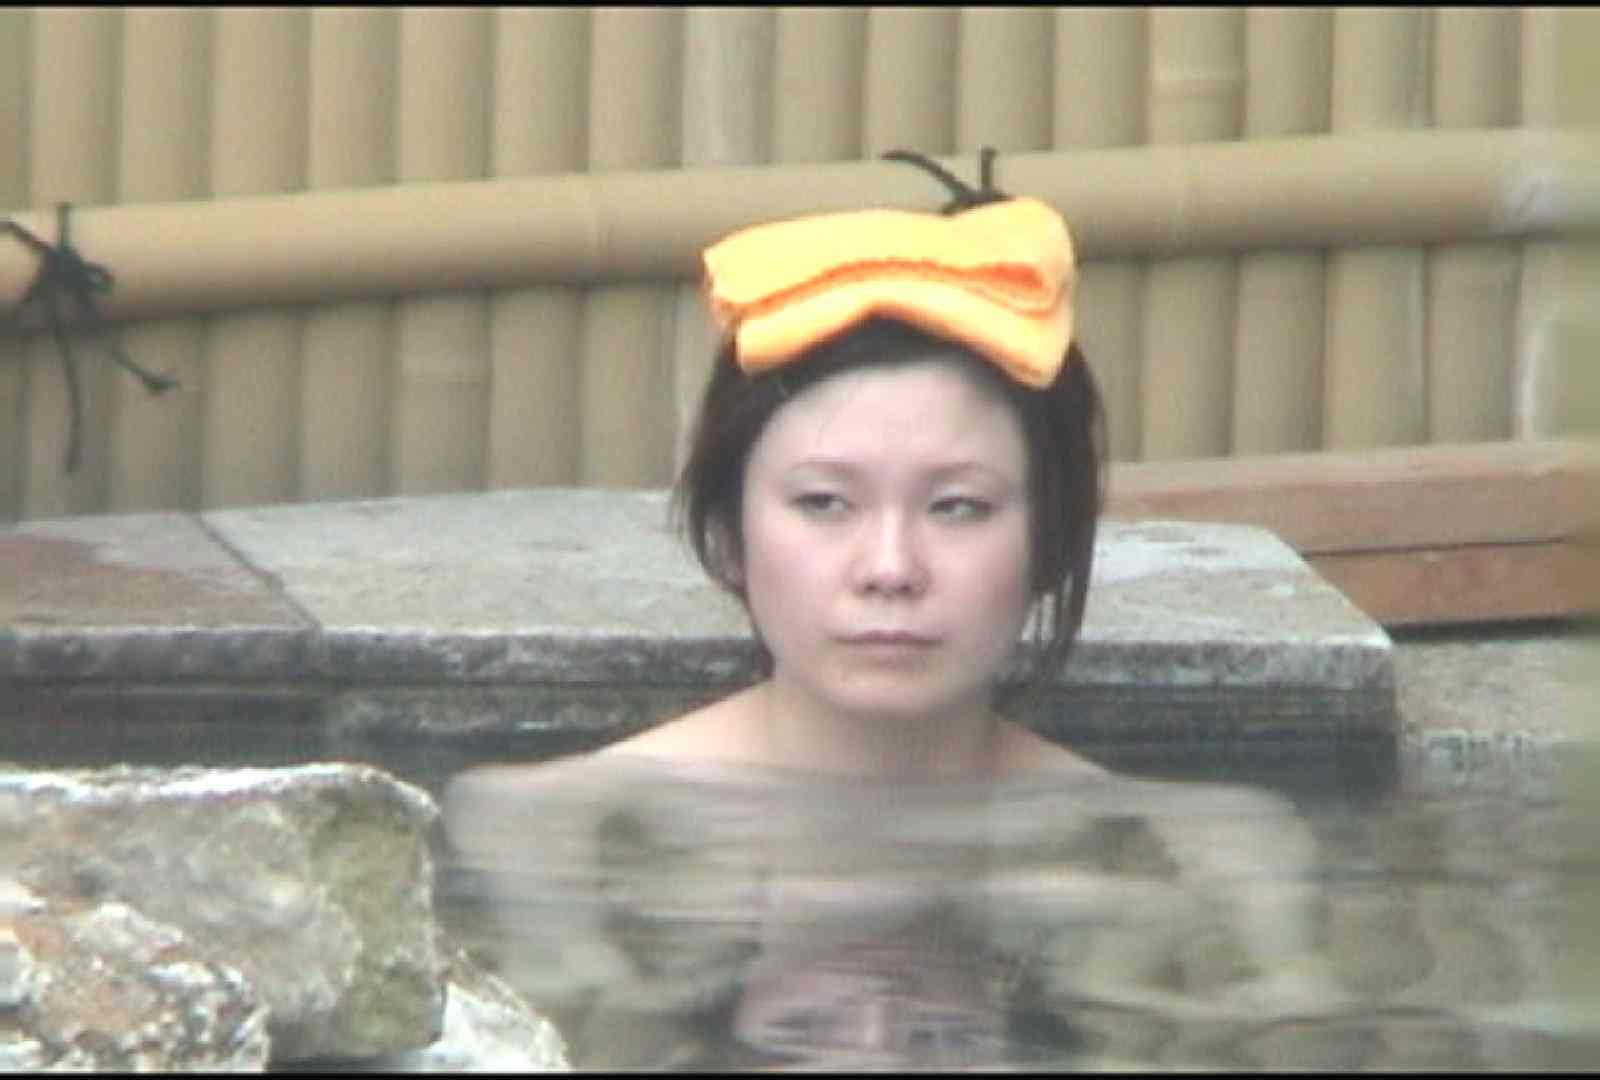 Aquaな露天風呂Vol.177 盗撮師作品 | 美しいOLの裸体  102pic 67